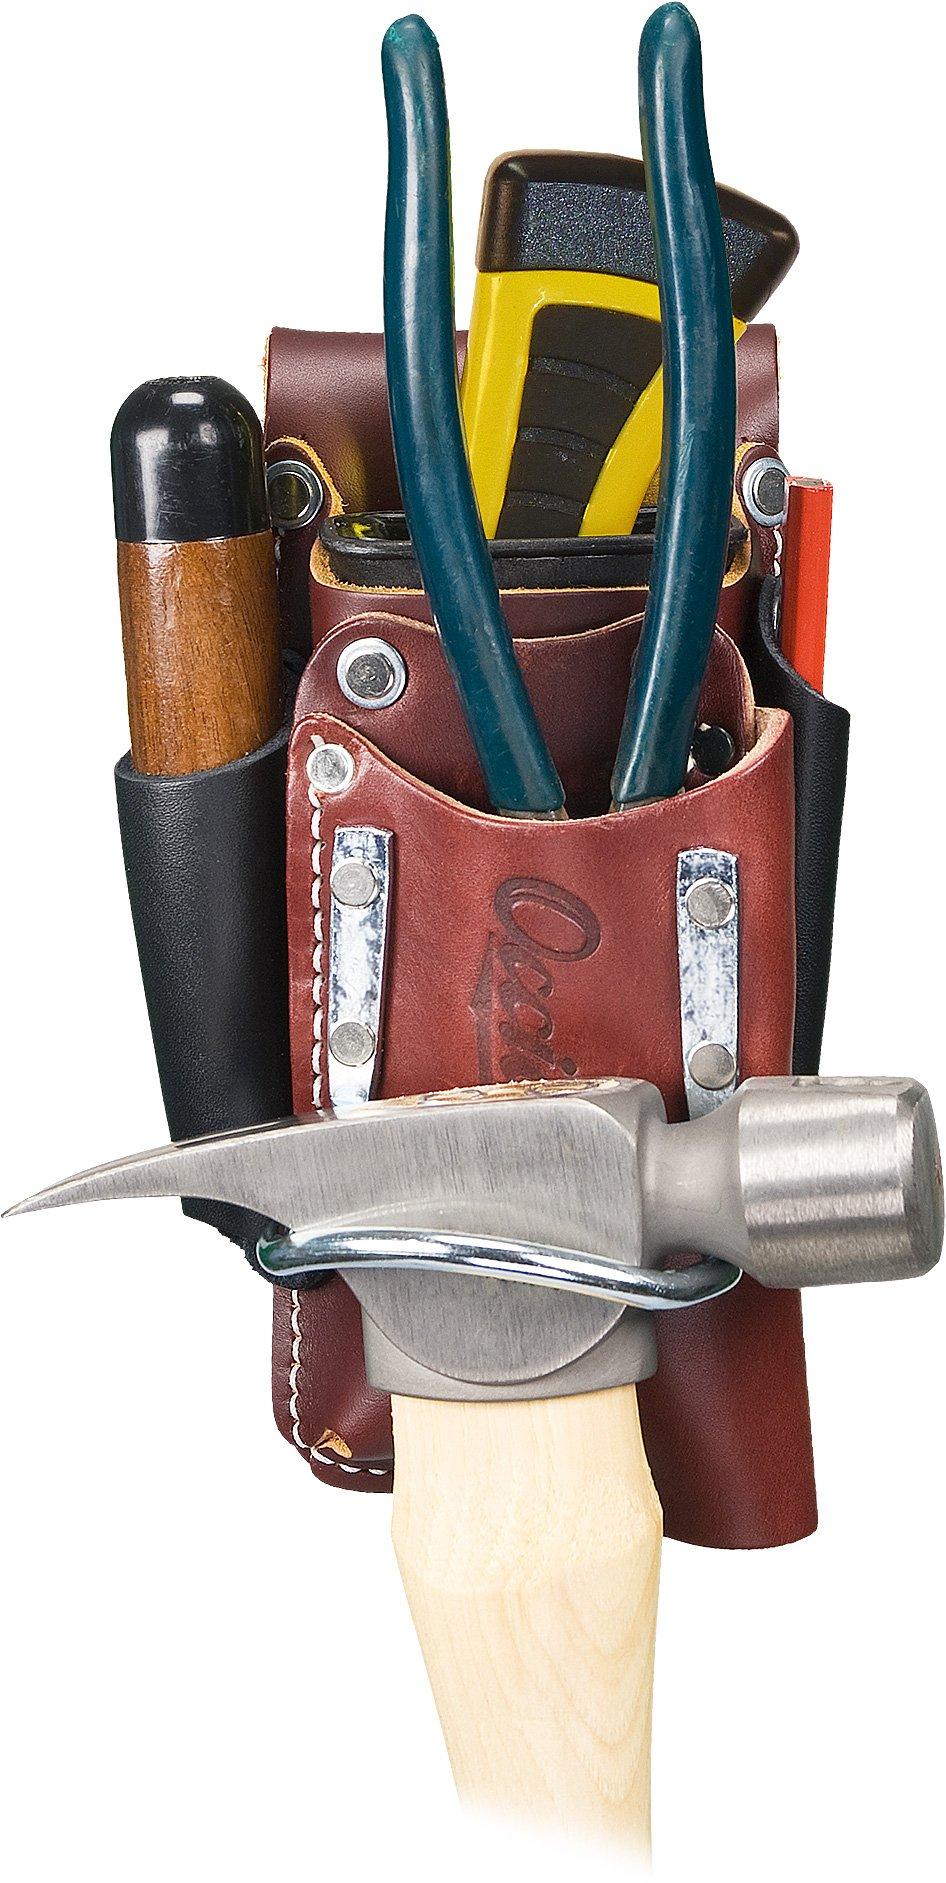 Occidental-Leather-5520-5-in-1-Werkzeughalter